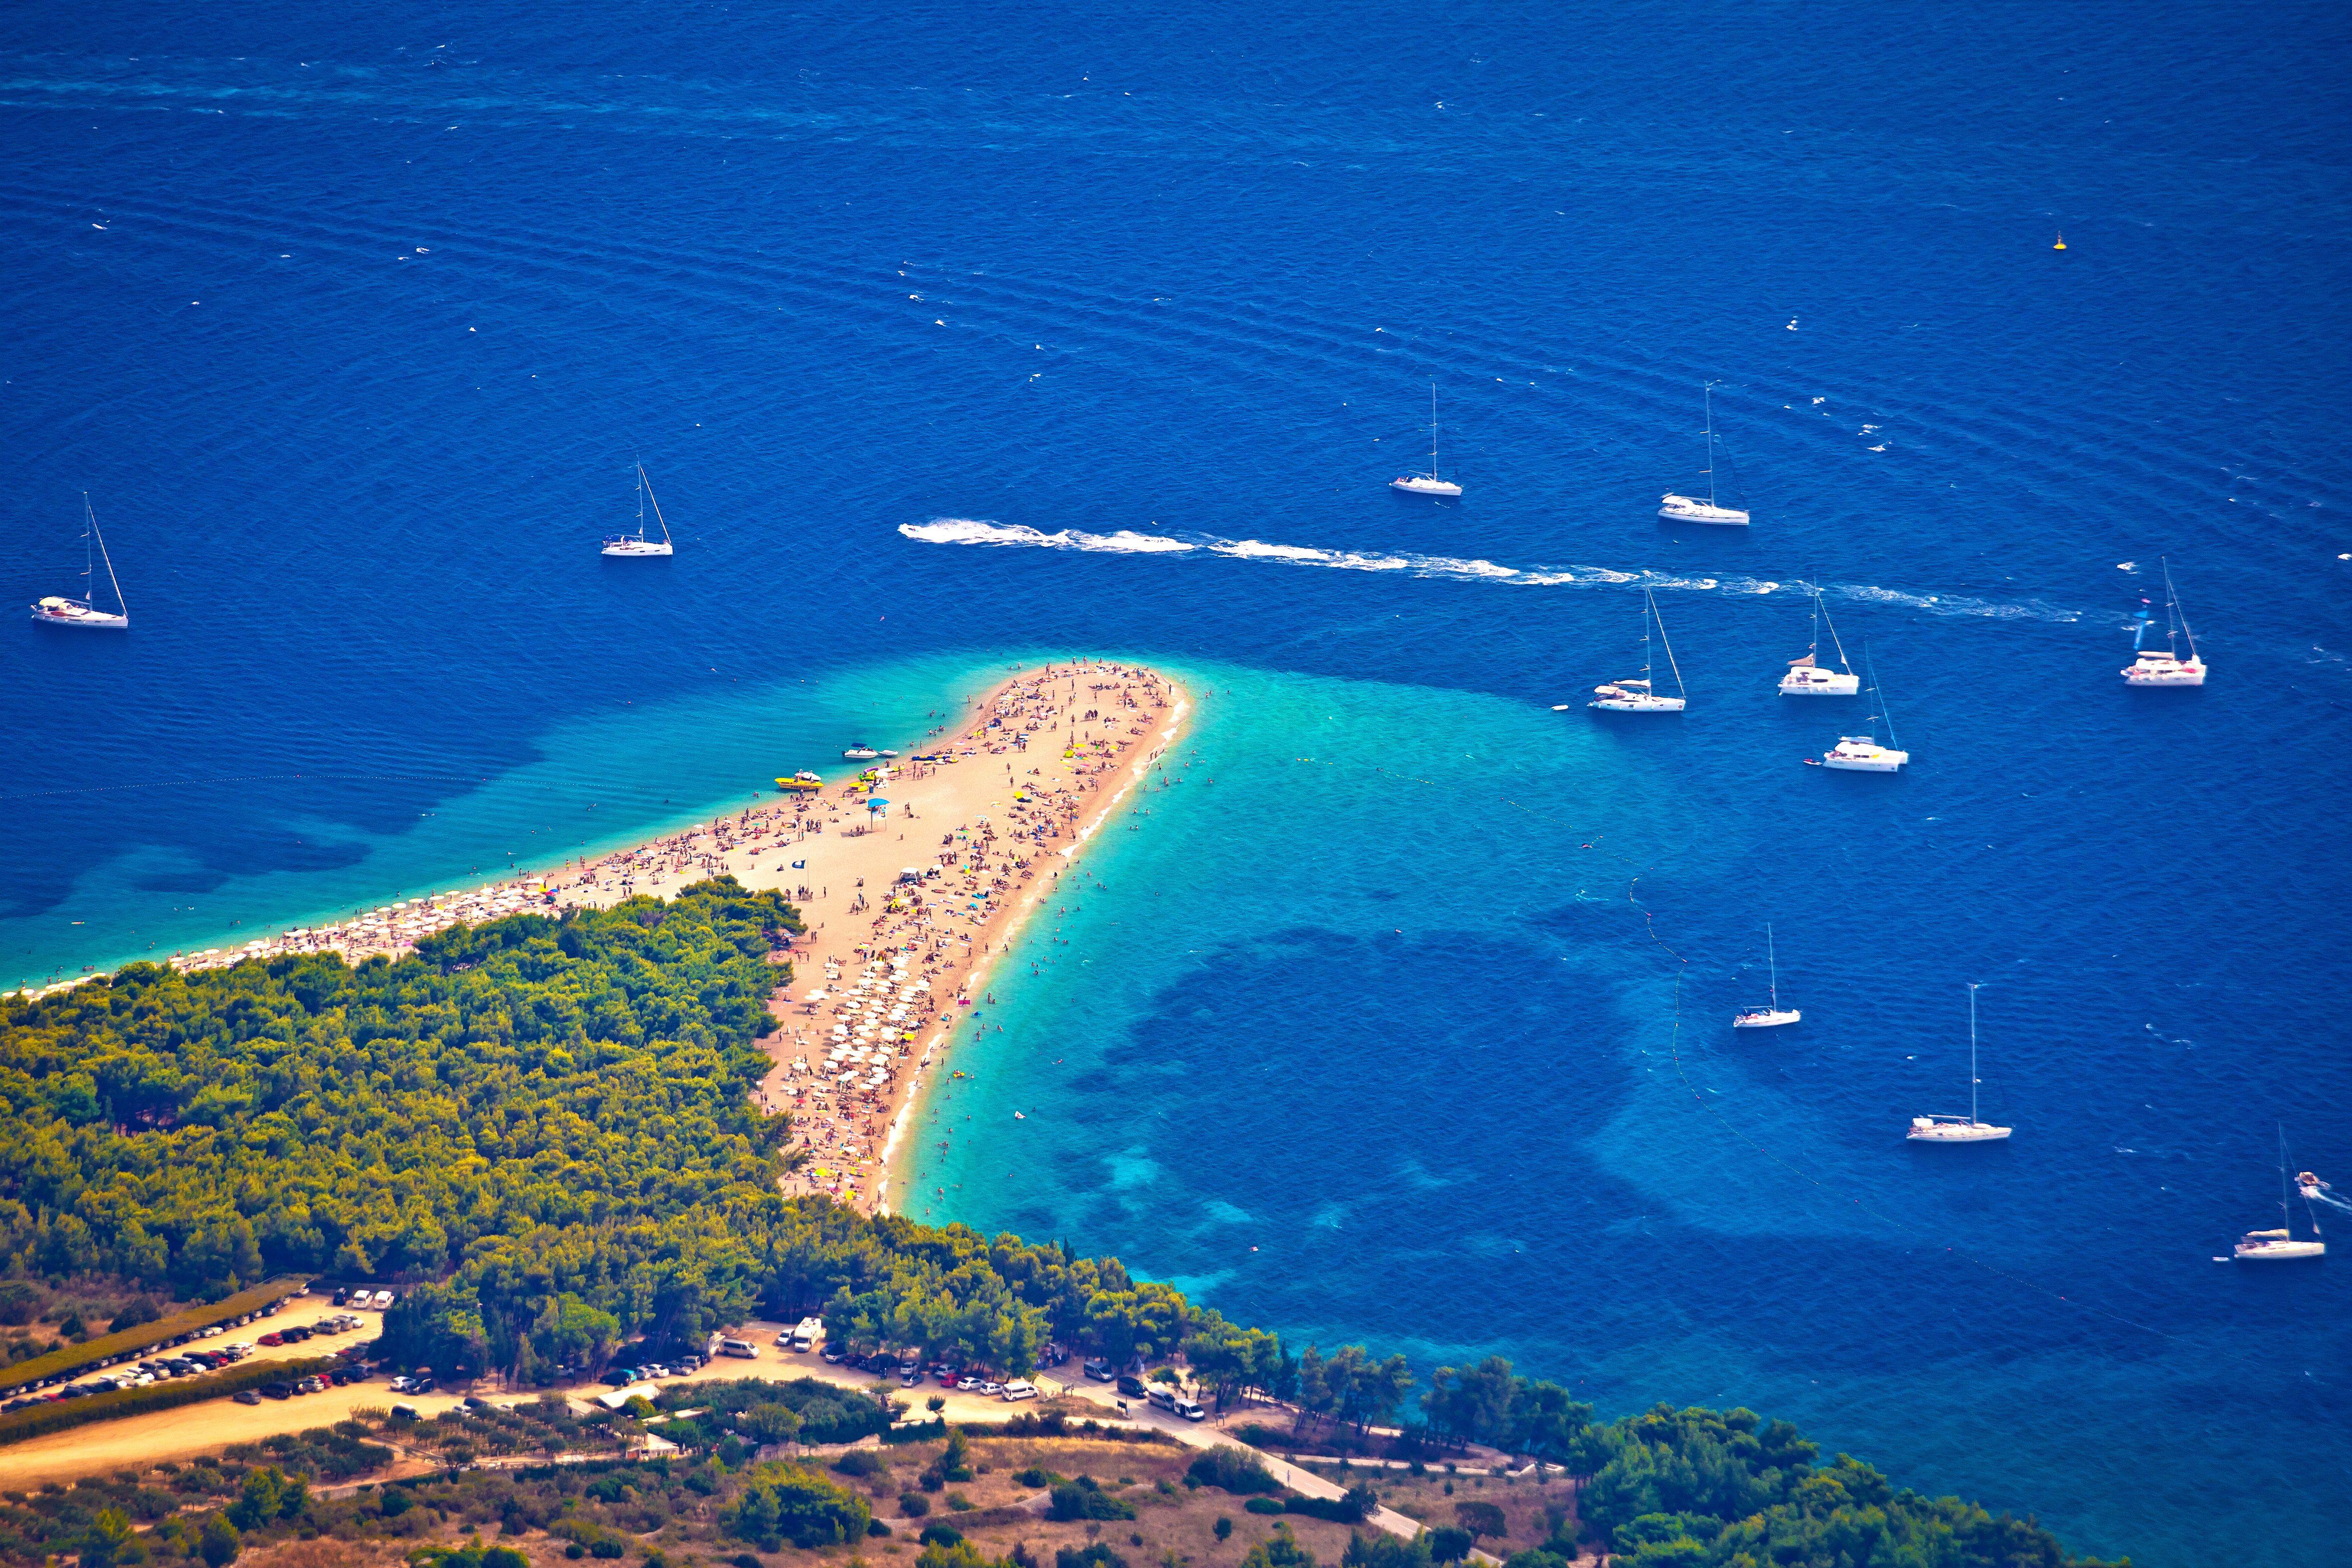 Pláž najdete asi 1,5 km západně od obce Bol na jižní straně dalmatského ostrova Brač